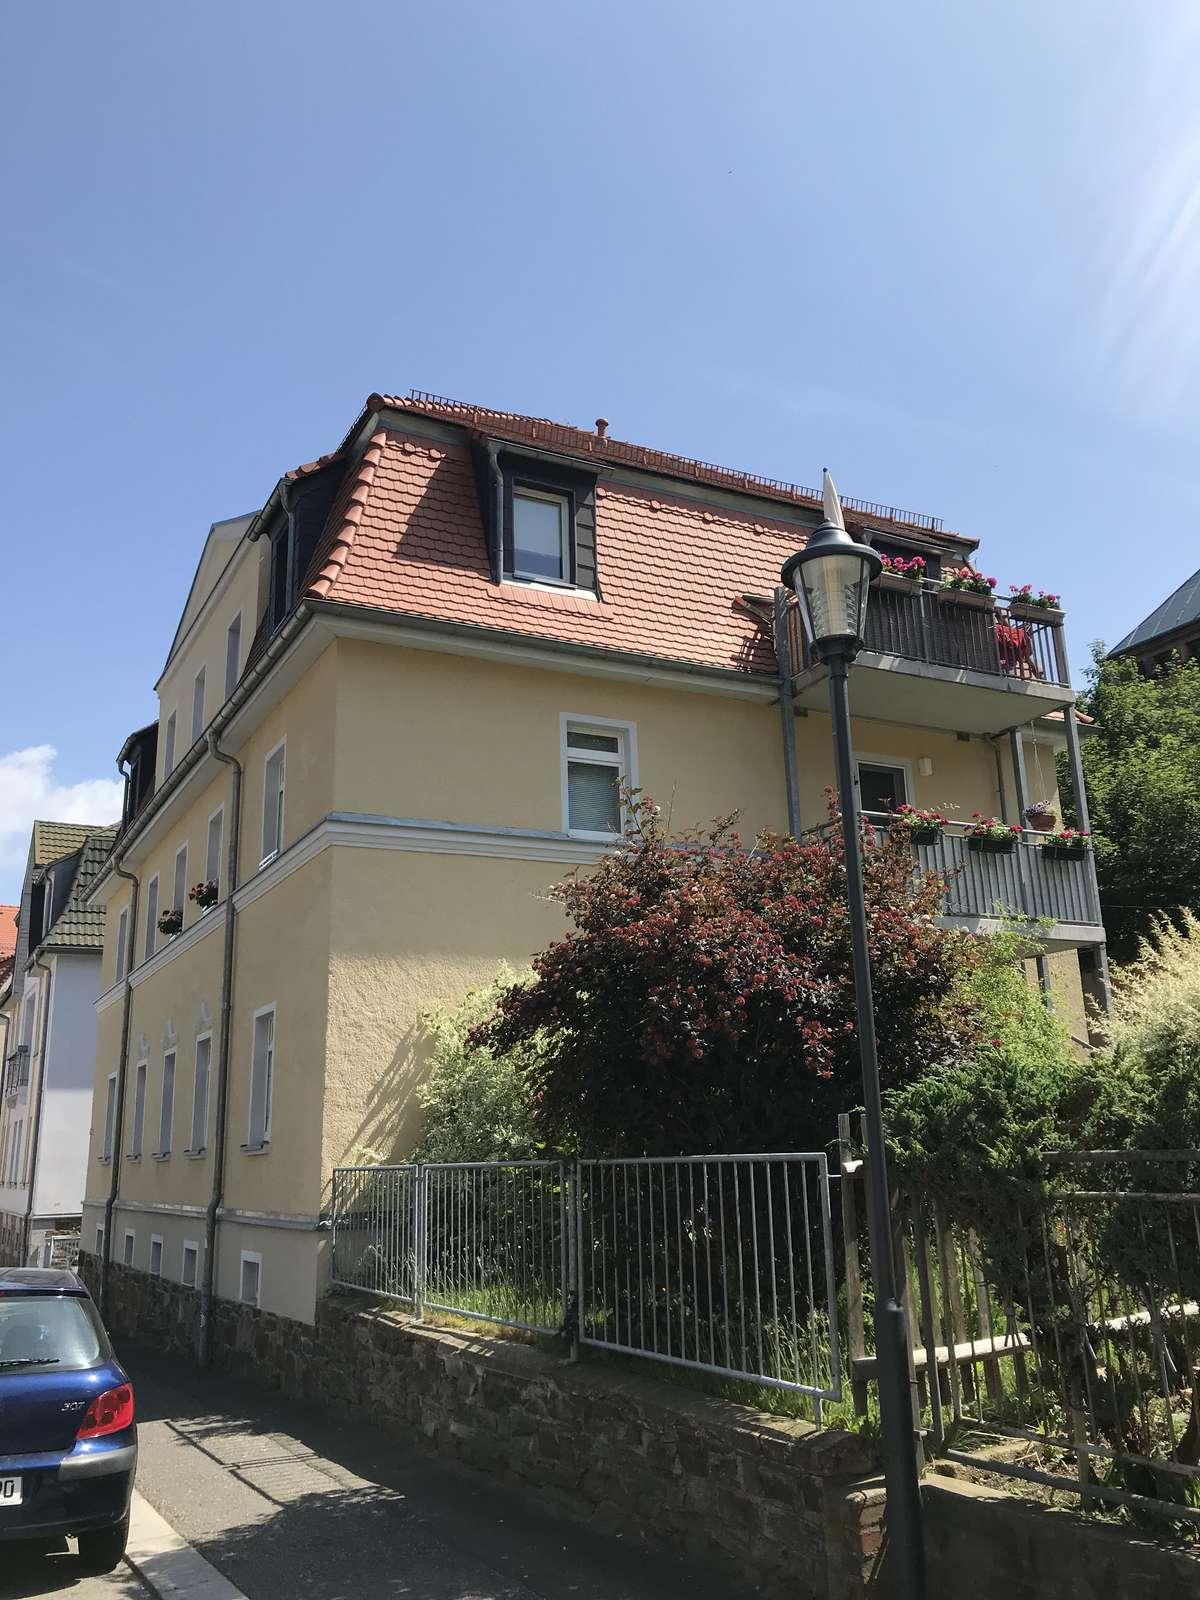 Fiedlerstraße 6 1